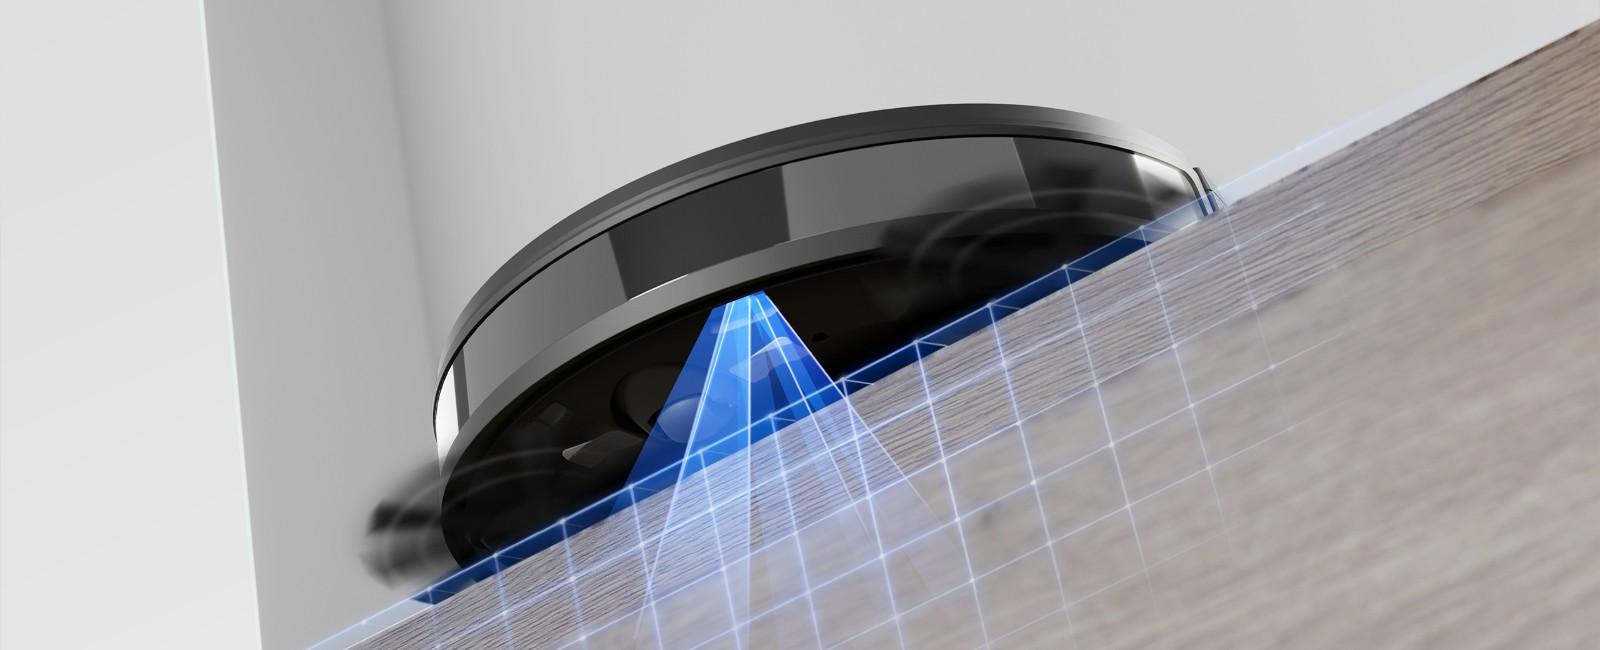 Probot Nelson A9, Robot hút bụi lau nhà AIVI Laser